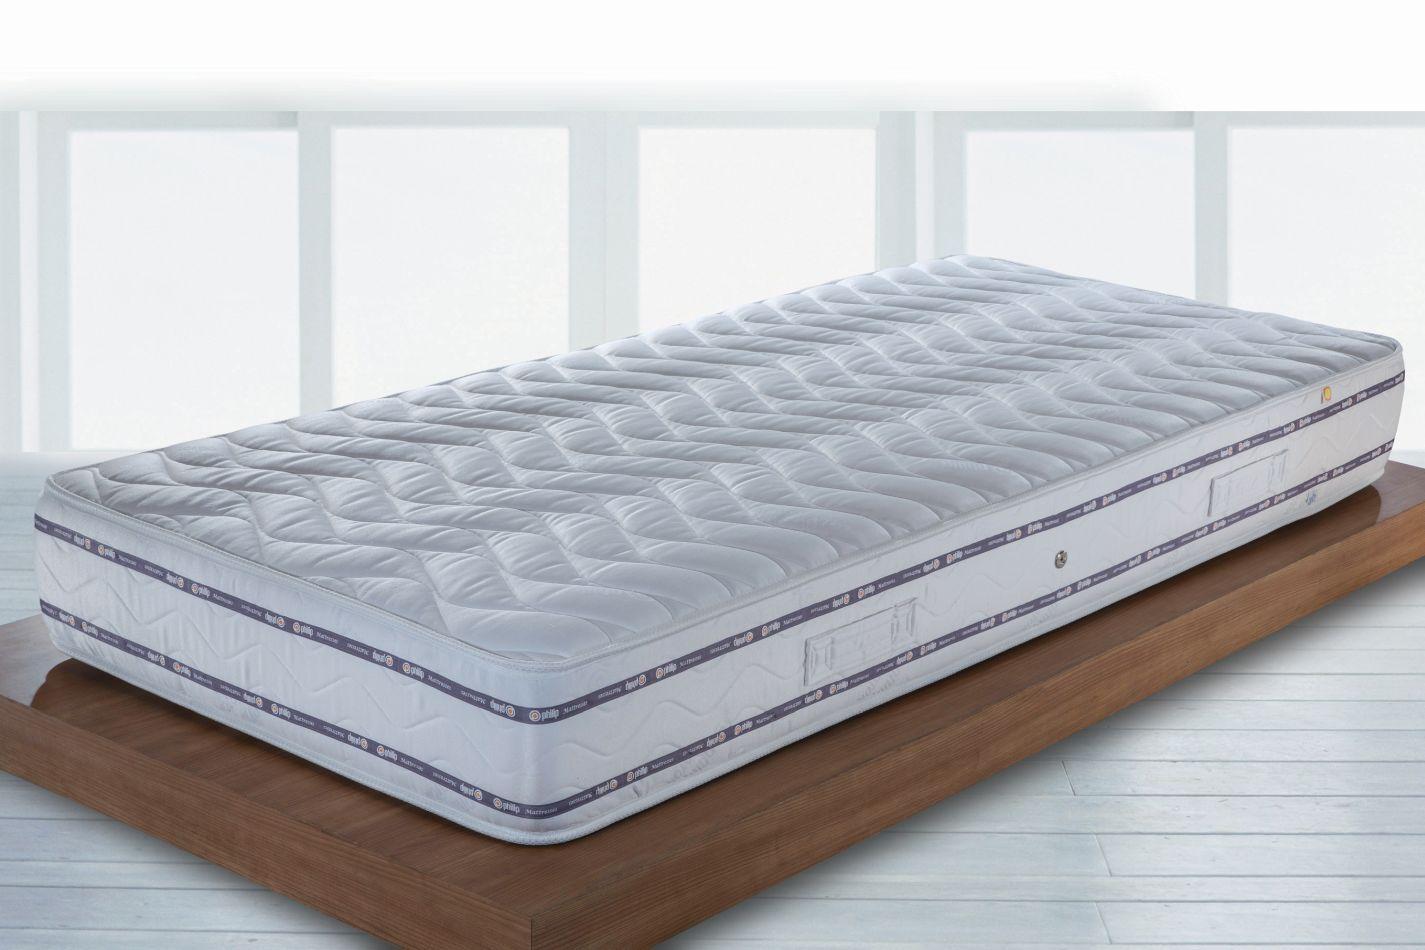 Matratze Elegance Relax mit Bonell Federkern - Abmessungen: 60 x 120 cm